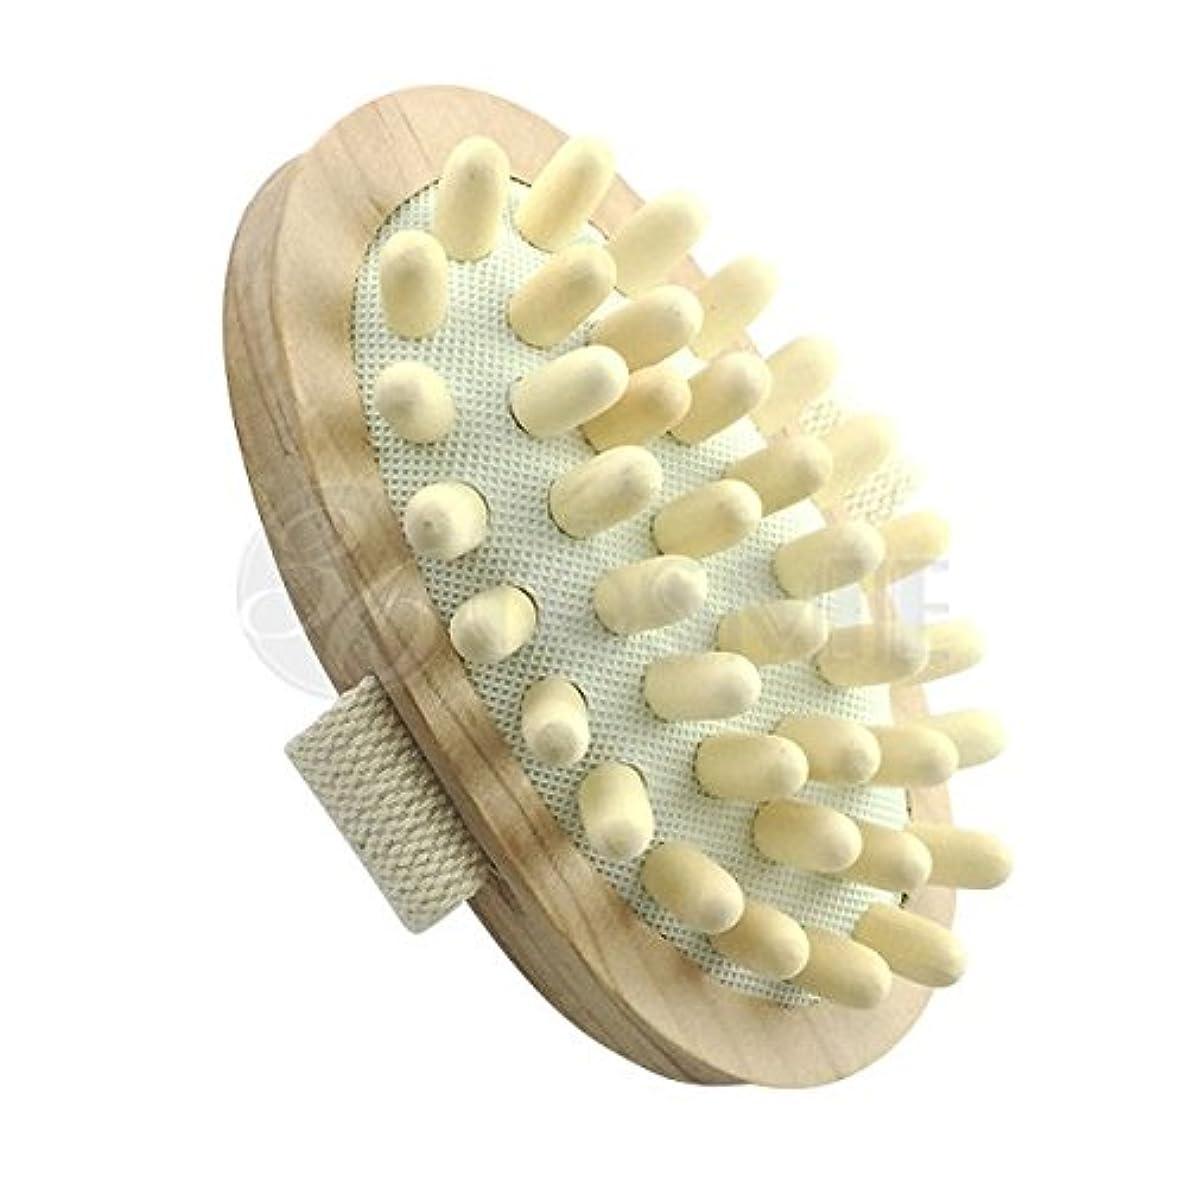 ブラインド国籍小包スリミングウッドブラシ(木製)セルライト対策に ボディマッサージ専用ブラシ